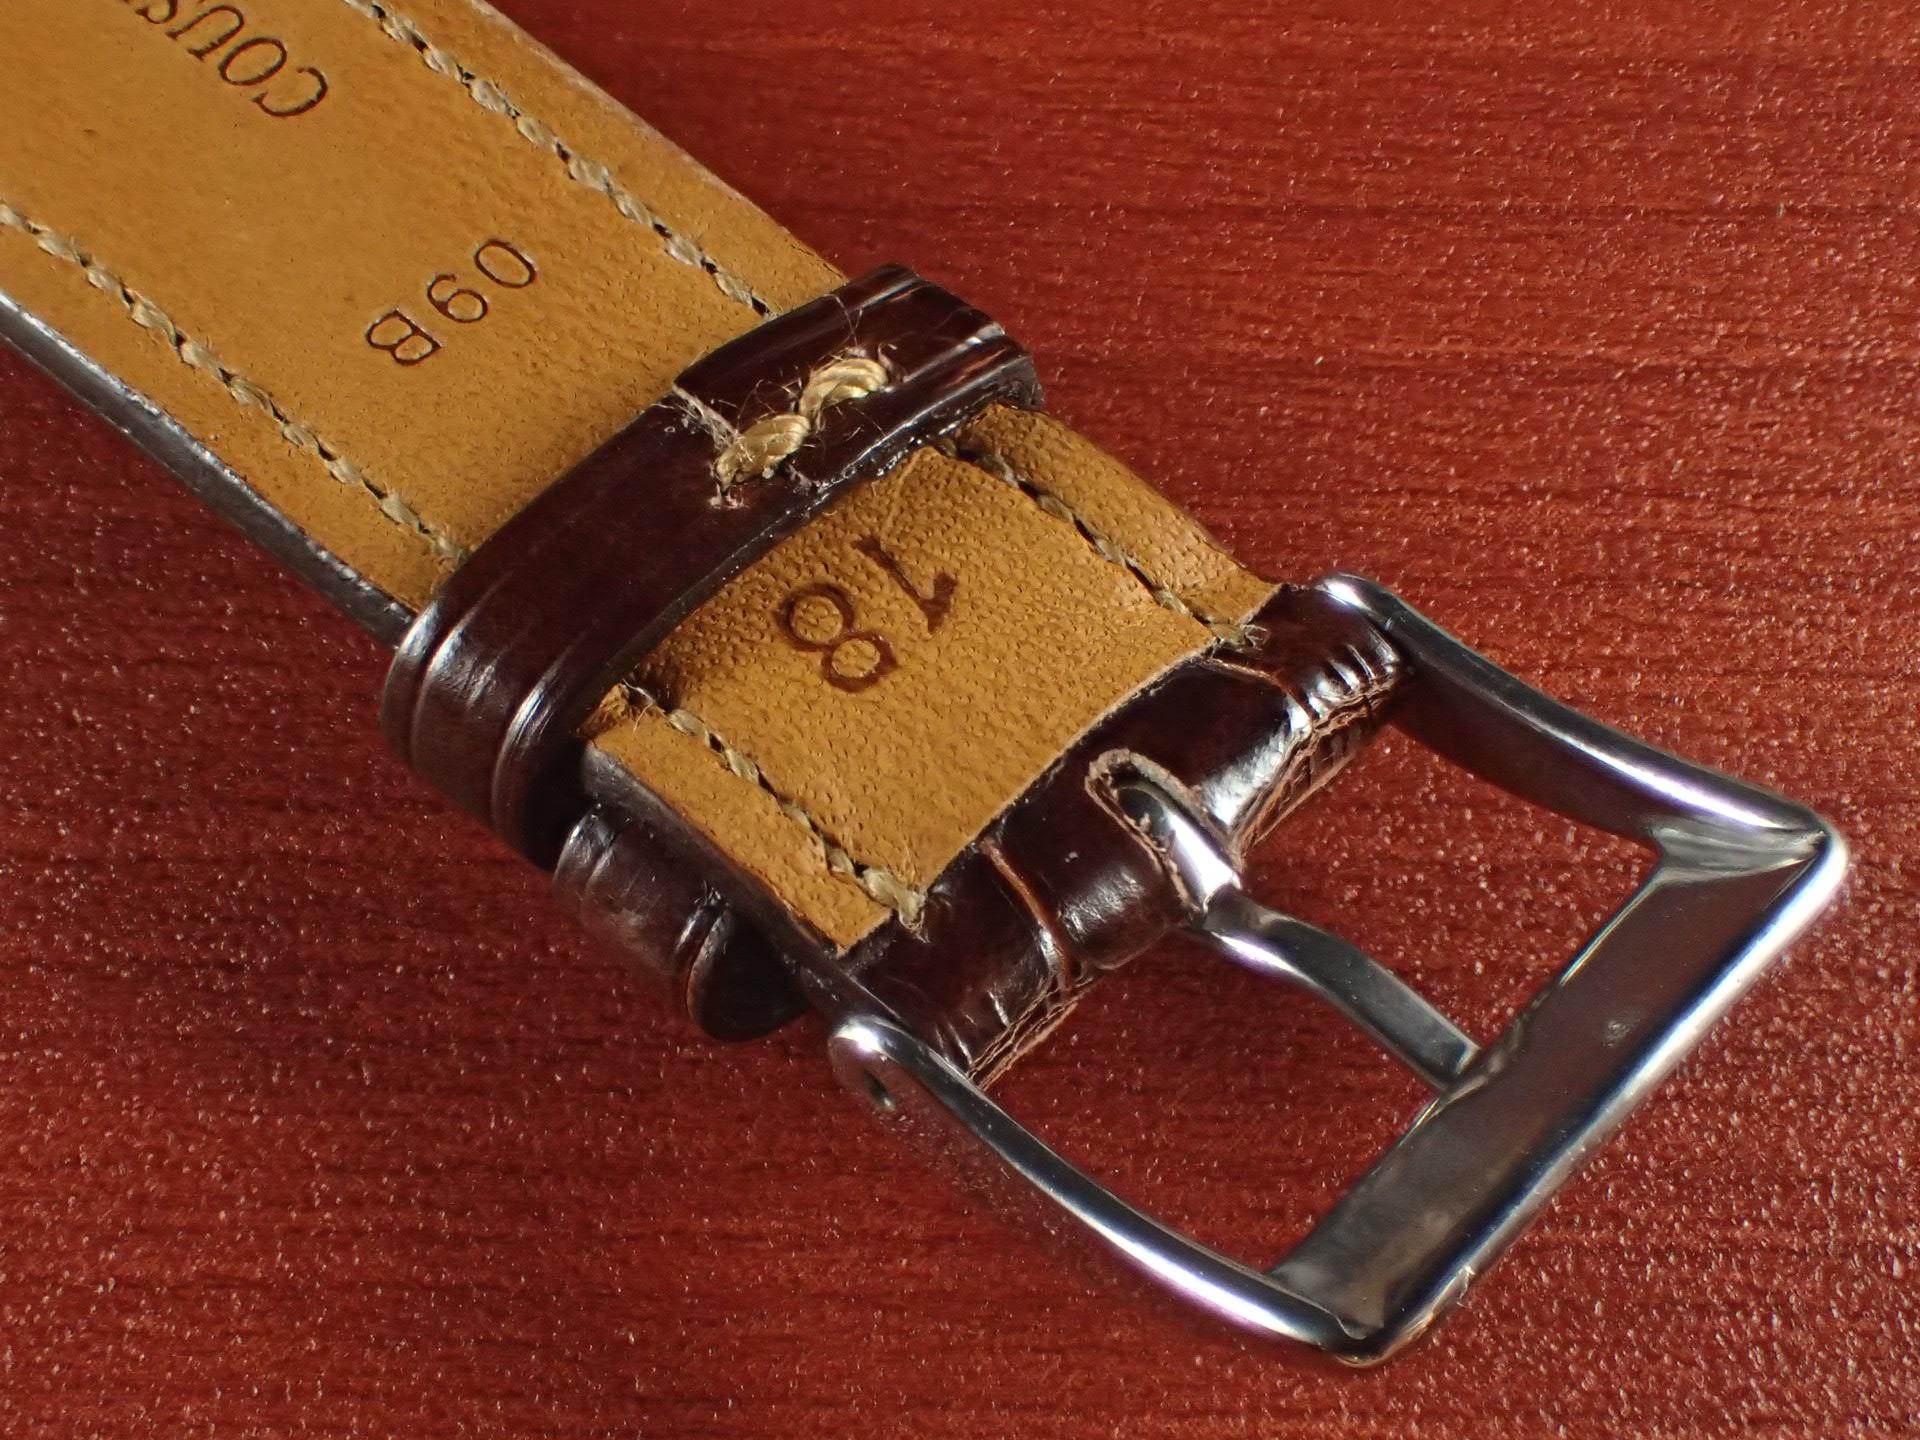 ジャン・クロード ペラン革ベルト クロコダイル タバコブラウン(シャイニー) 18mmの写真4枚目